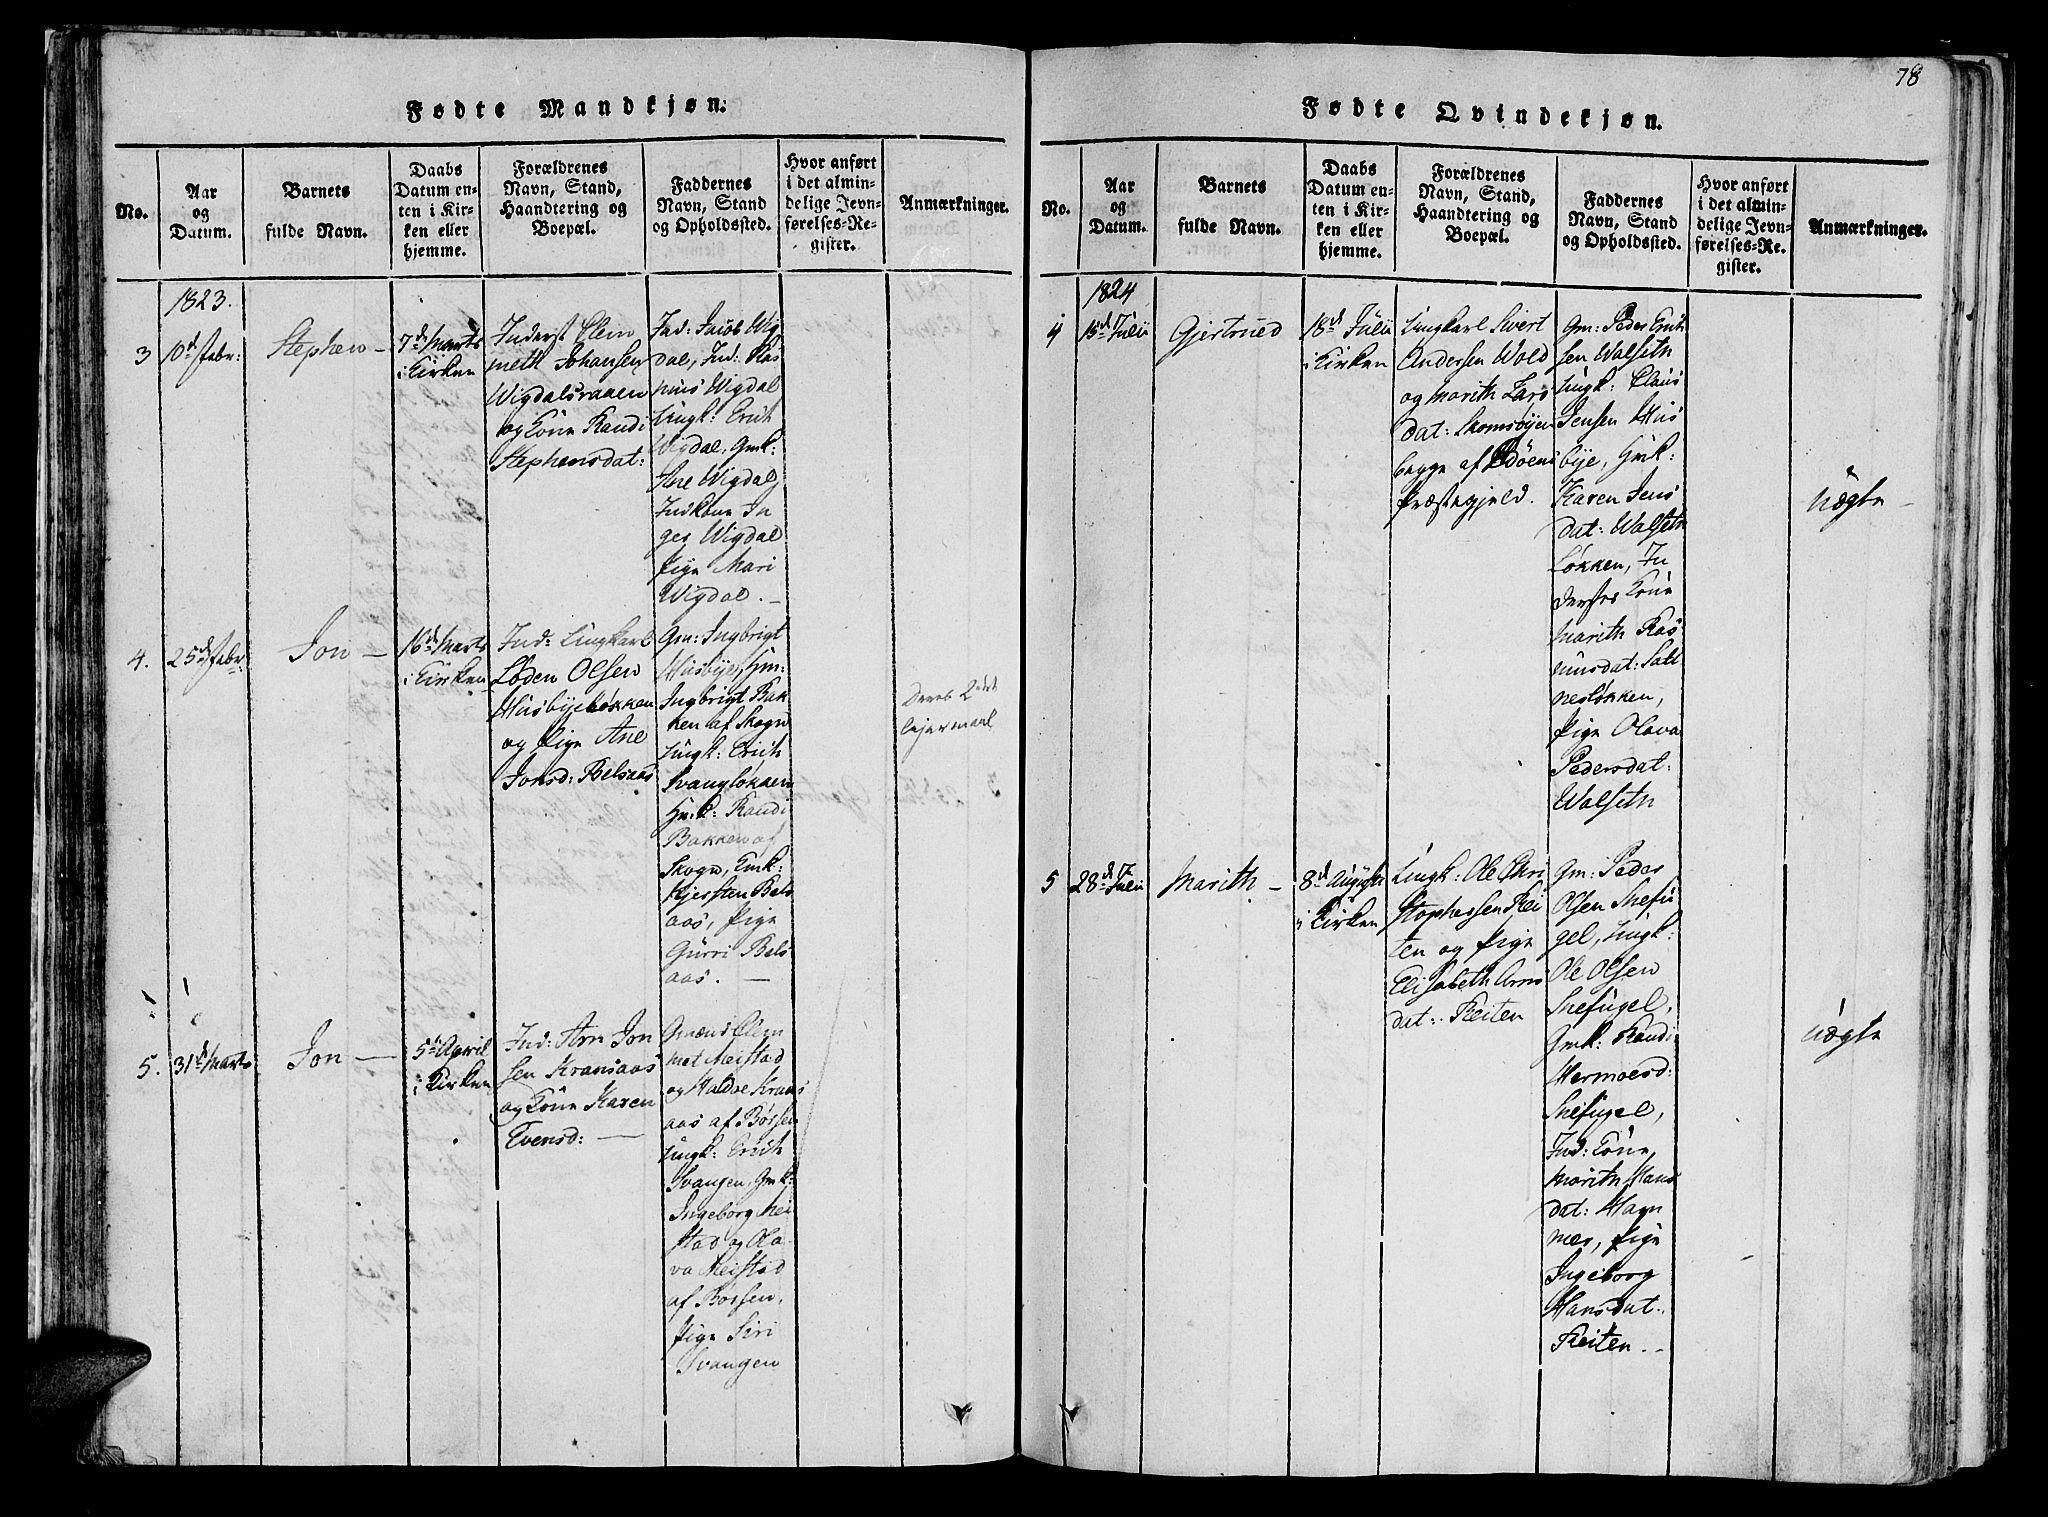 SAT, Ministerialprotokoller, klokkerbøker og fødselsregistre - Sør-Trøndelag, 612/L0373: Ministerialbok nr. 612A06 /2, 1816-1828, s. 78